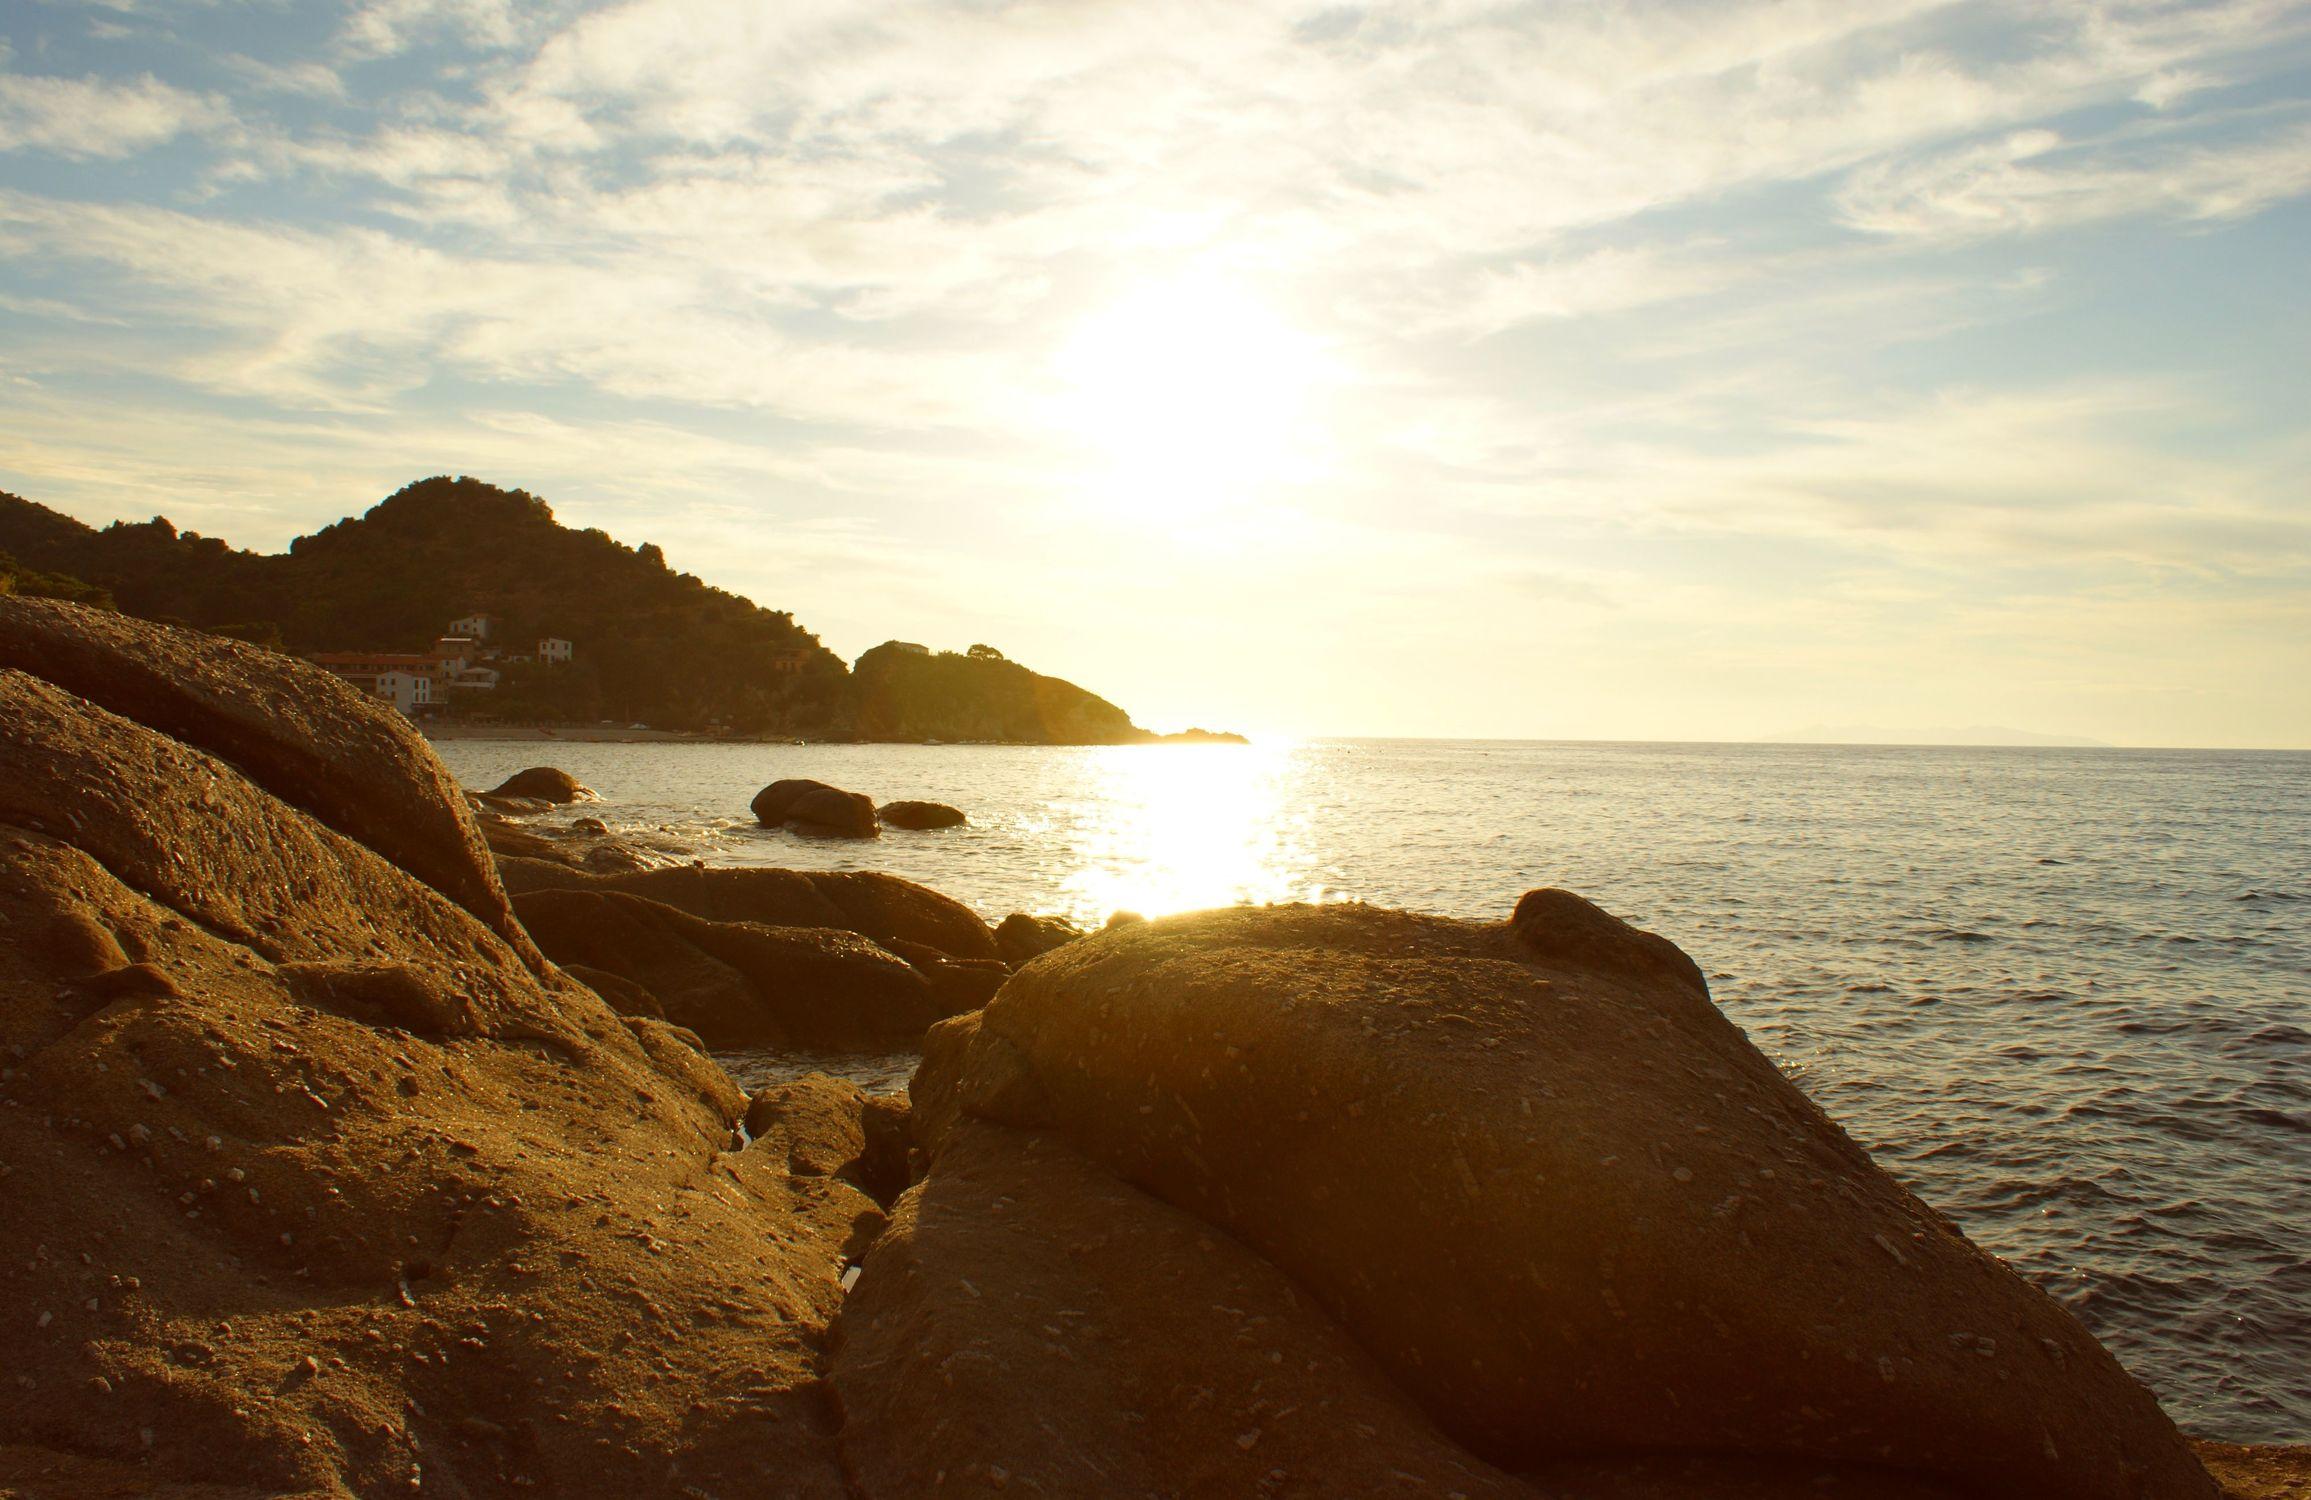 Bild mit Meere, Sonnenuntergang, Sonnenaufgang, Meer, ozean, Sehnsucht, Hügel und Wälder